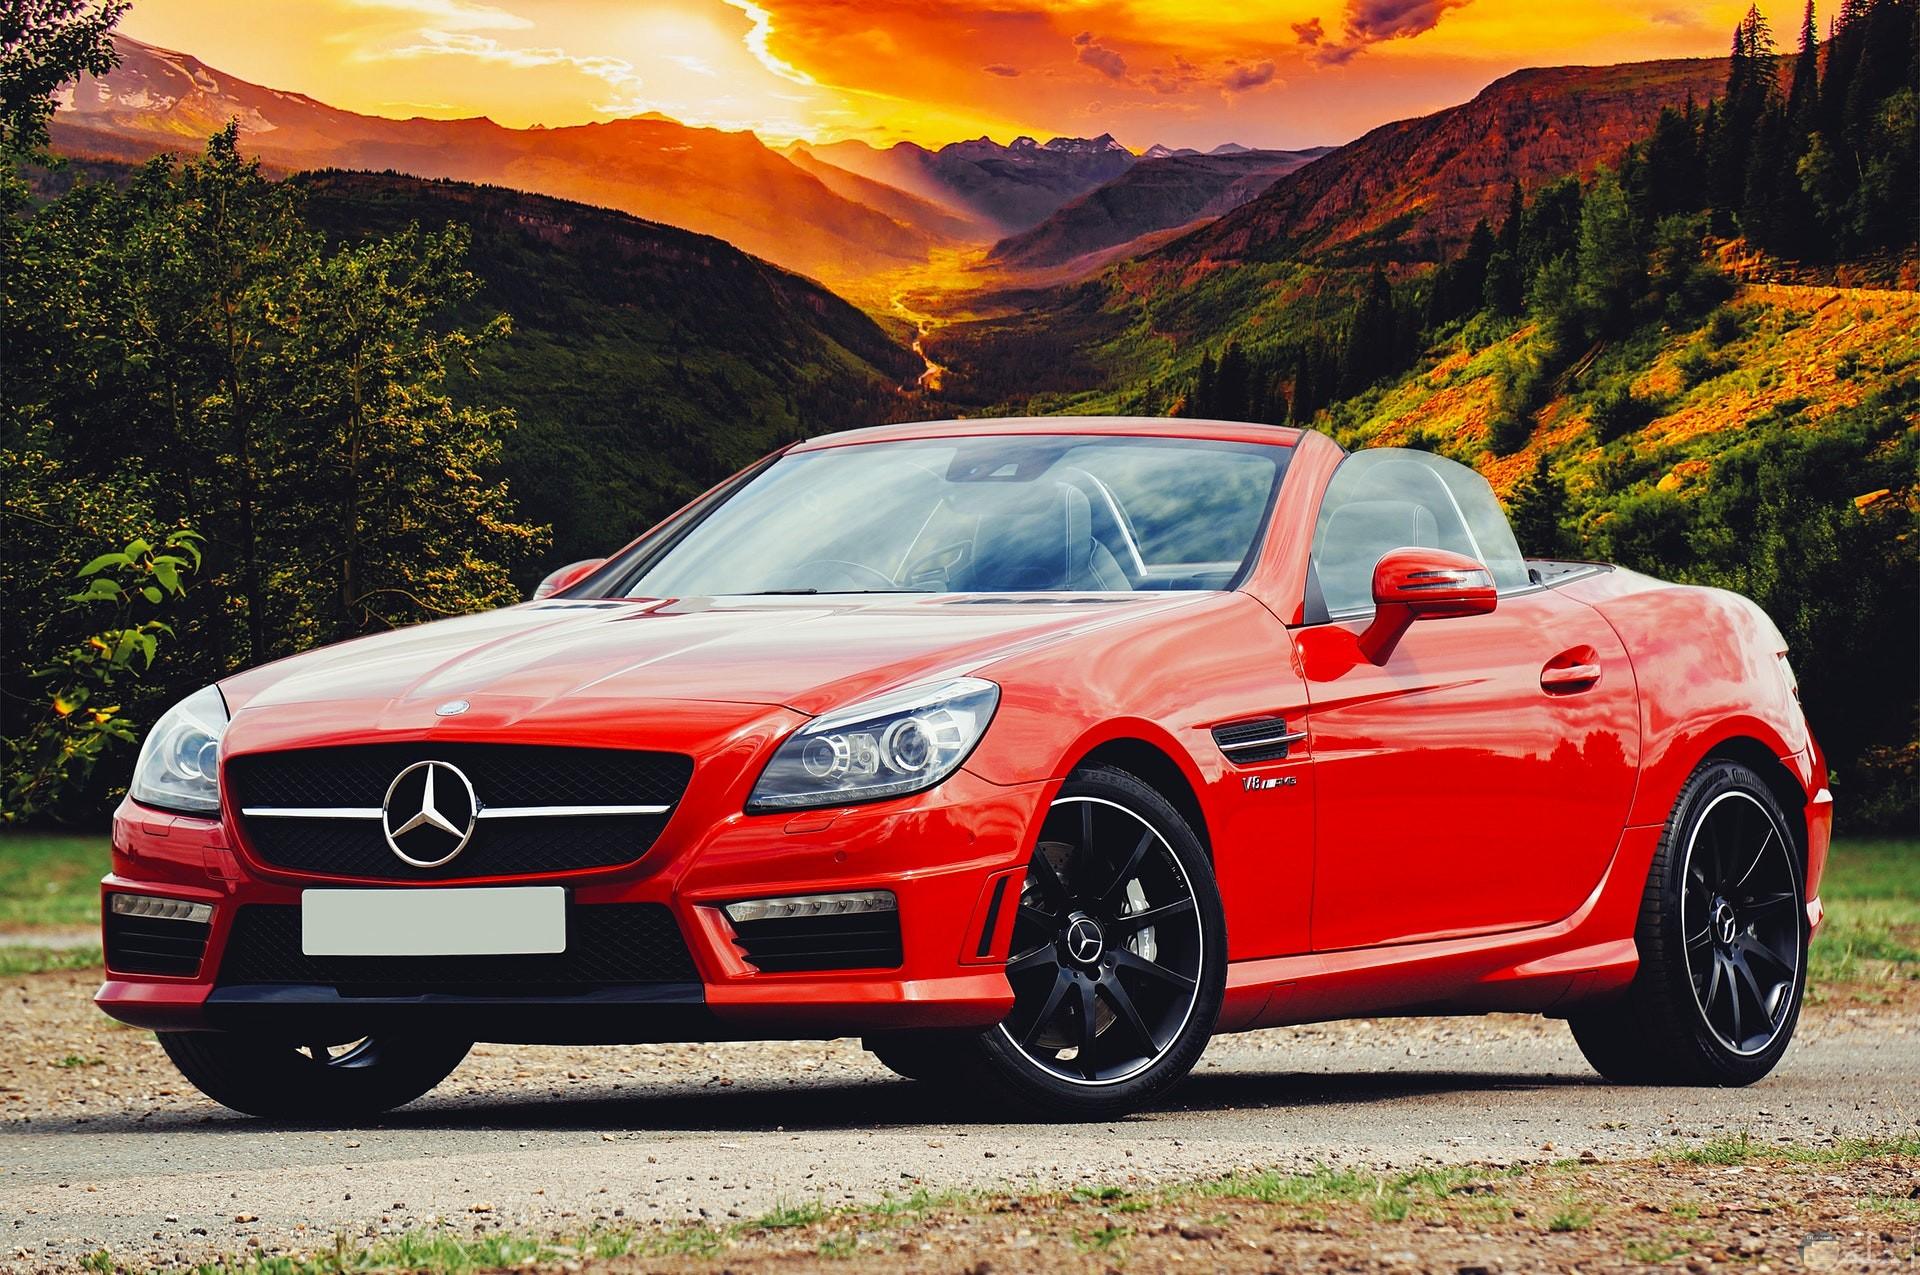 صورة جميلة ومميزة لسيارة مرسيدس بنز باللون الأحمر